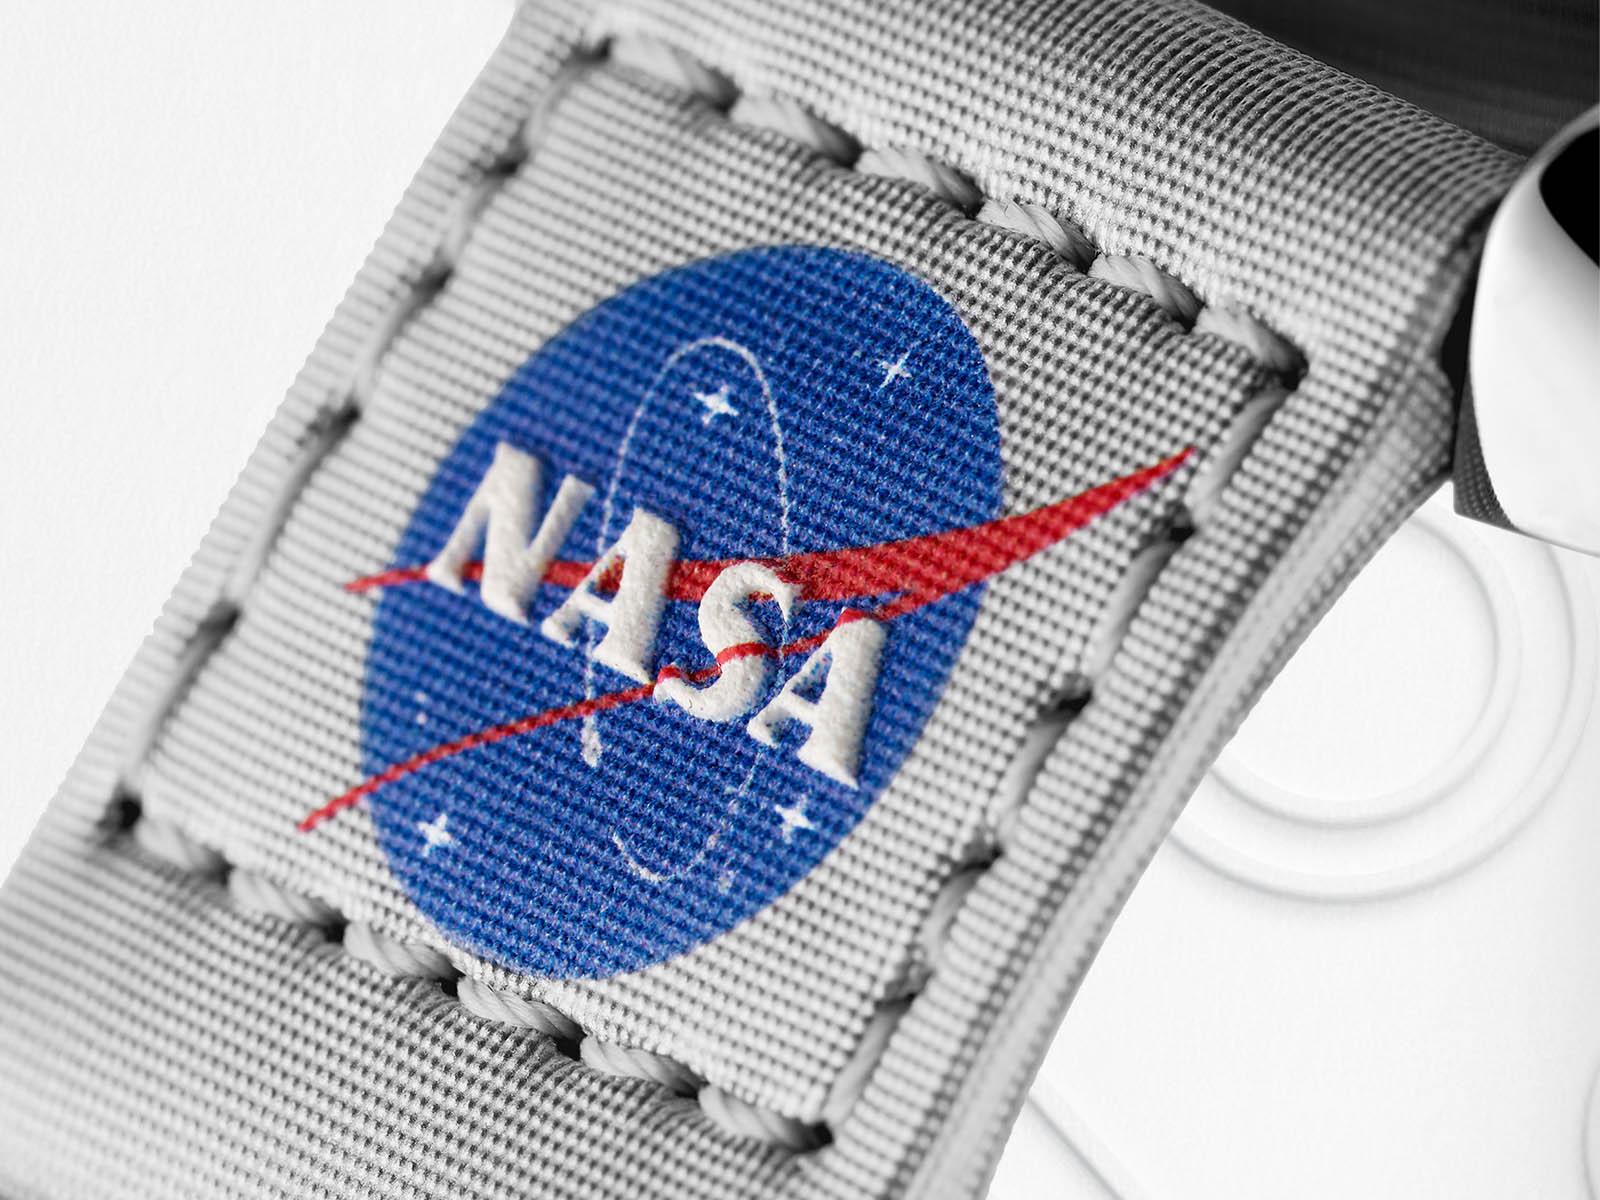 omega-speedmaster-moonwatch-velcro-straps-5.jpg